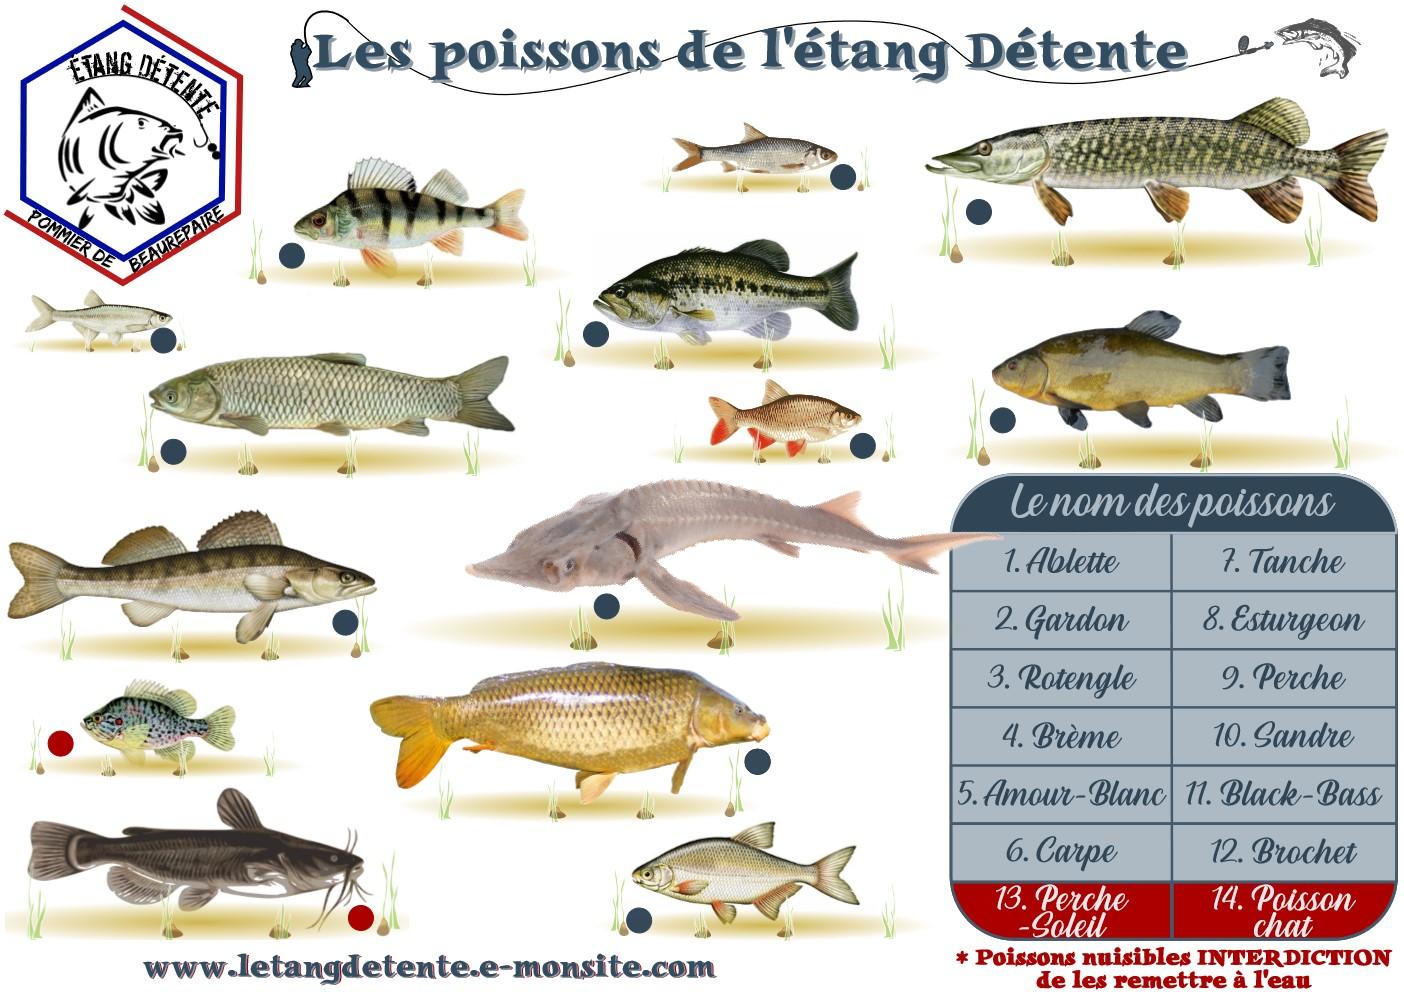 Jeux enfants retrouver les poisson etang detente 38 pommier de beaurepaire isere peche carpe brochet carnassier 1